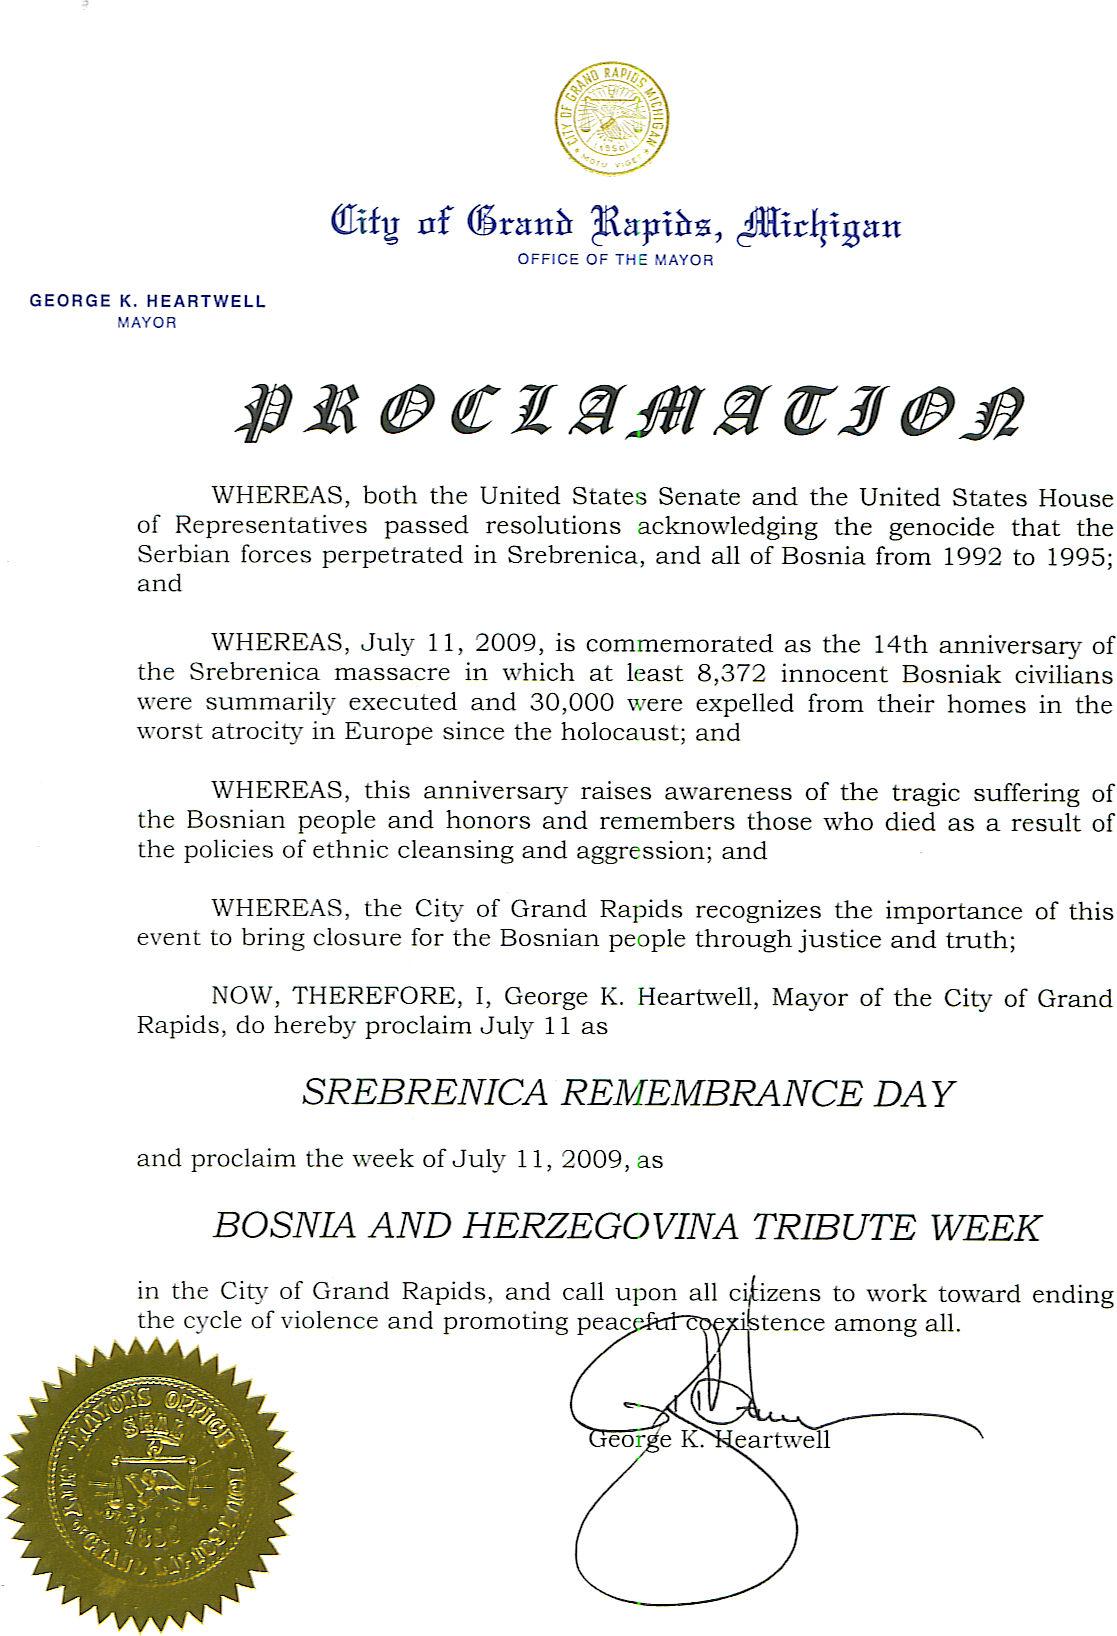 City of Grand Rapids, Michigan Proclaims Srebrenica Remembrance Day